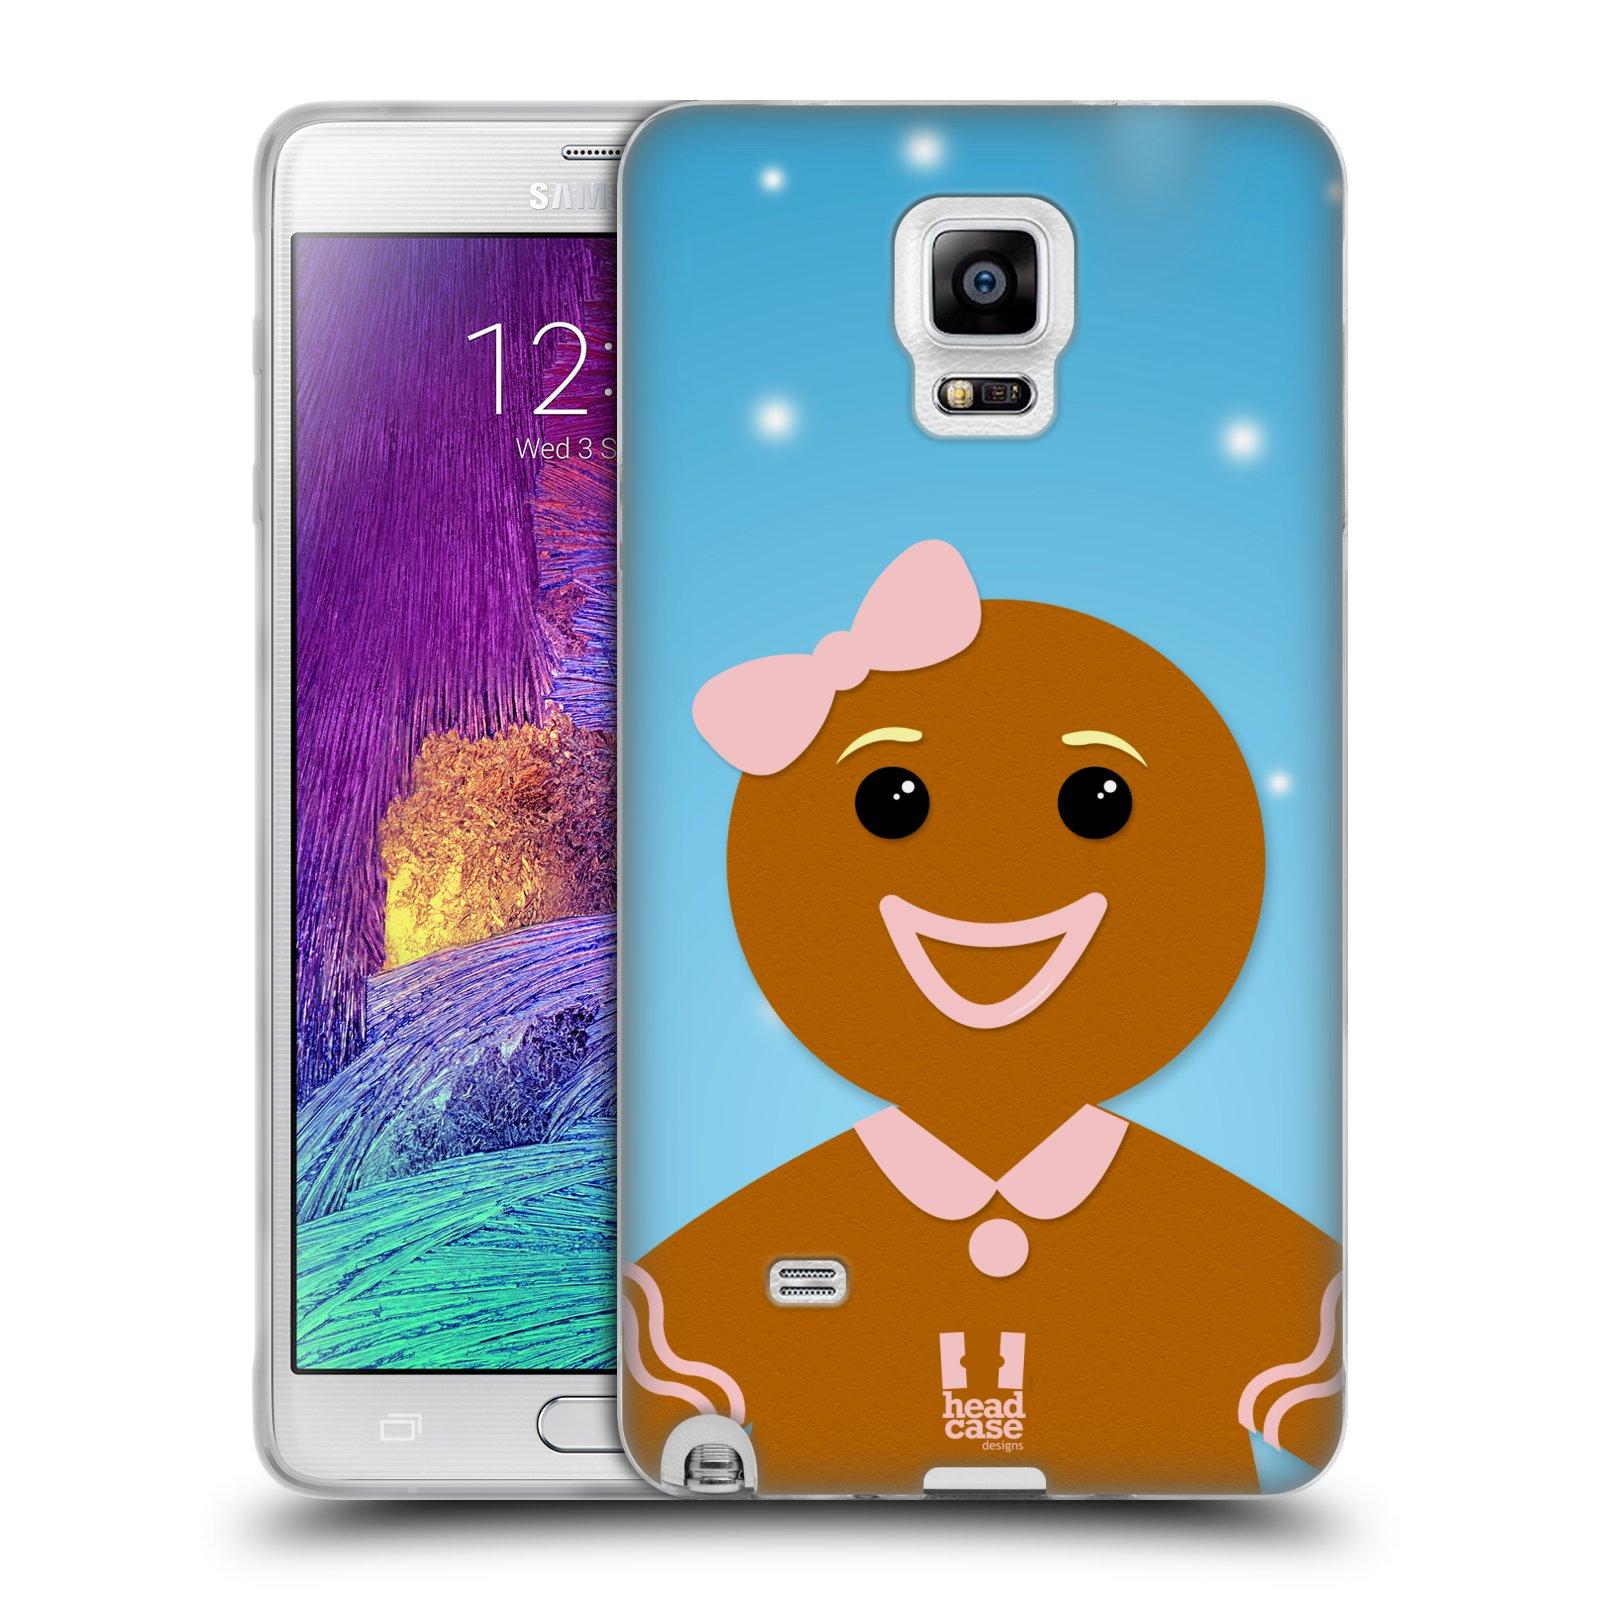 Silikonové pouzdro na mobil Samsung Galaxy Note 4 HEAD CASE VÁNOCE PERNÍČEK (Silikonový kryt či obal na mobilní telefon Samsung Galaxy Note 4 SM-N910F)